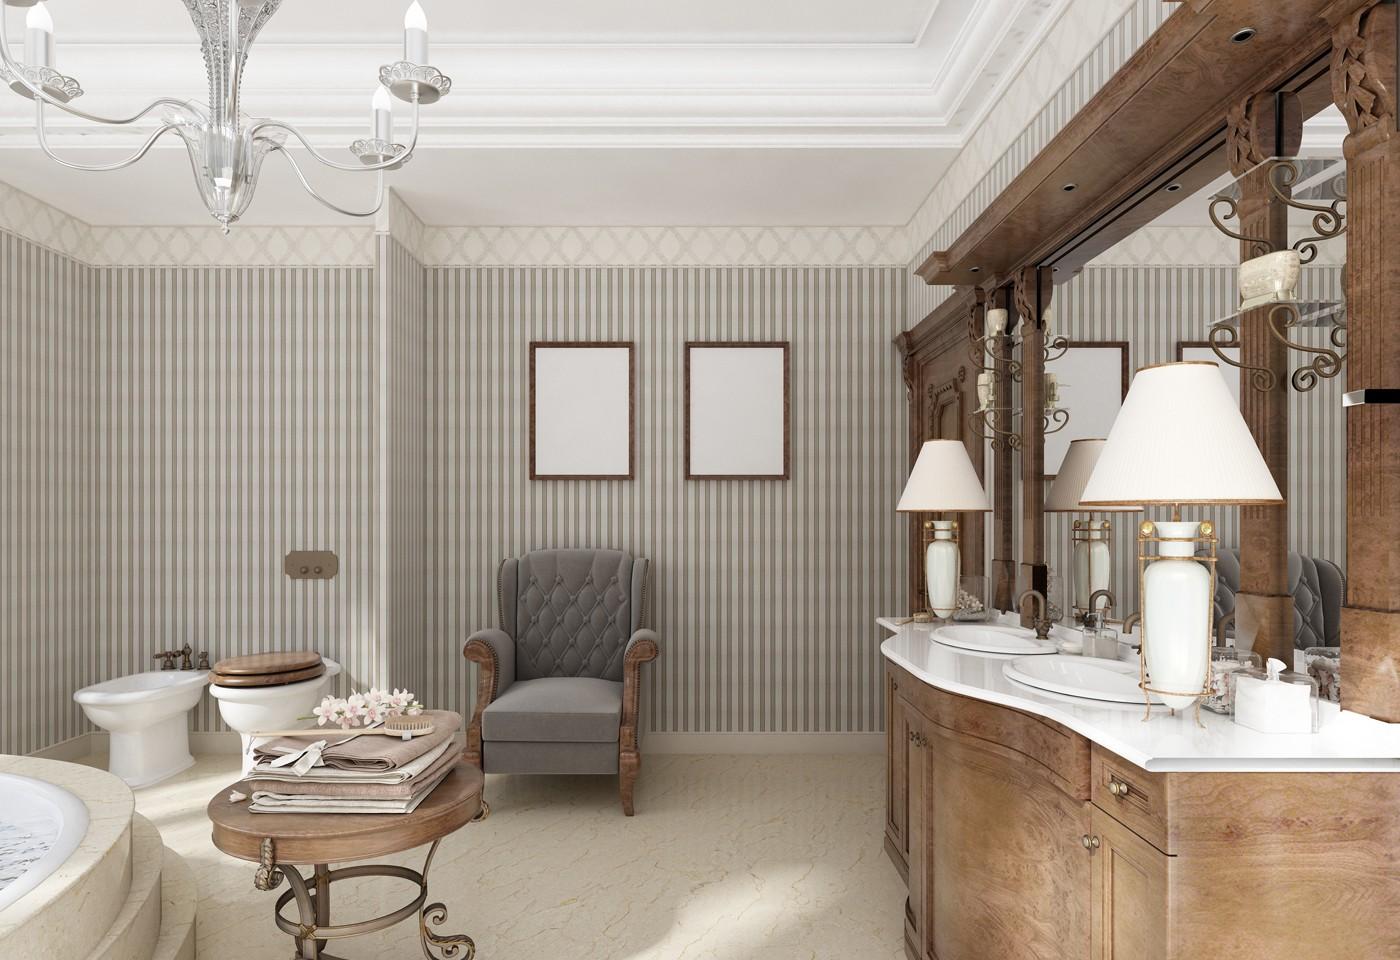 Arredare un fantastico soggiorno in stile classico. Arredamento Classico Moderno Spazi Sofisticati Ed Eleganti